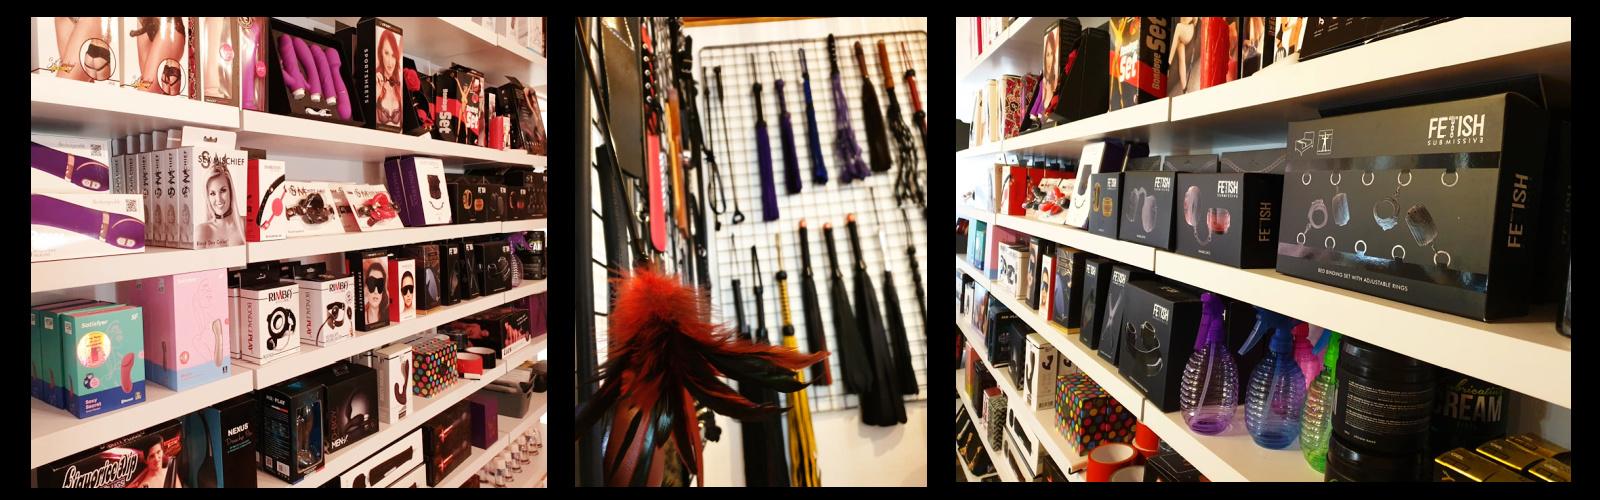 sexshop showroom i Ringsted